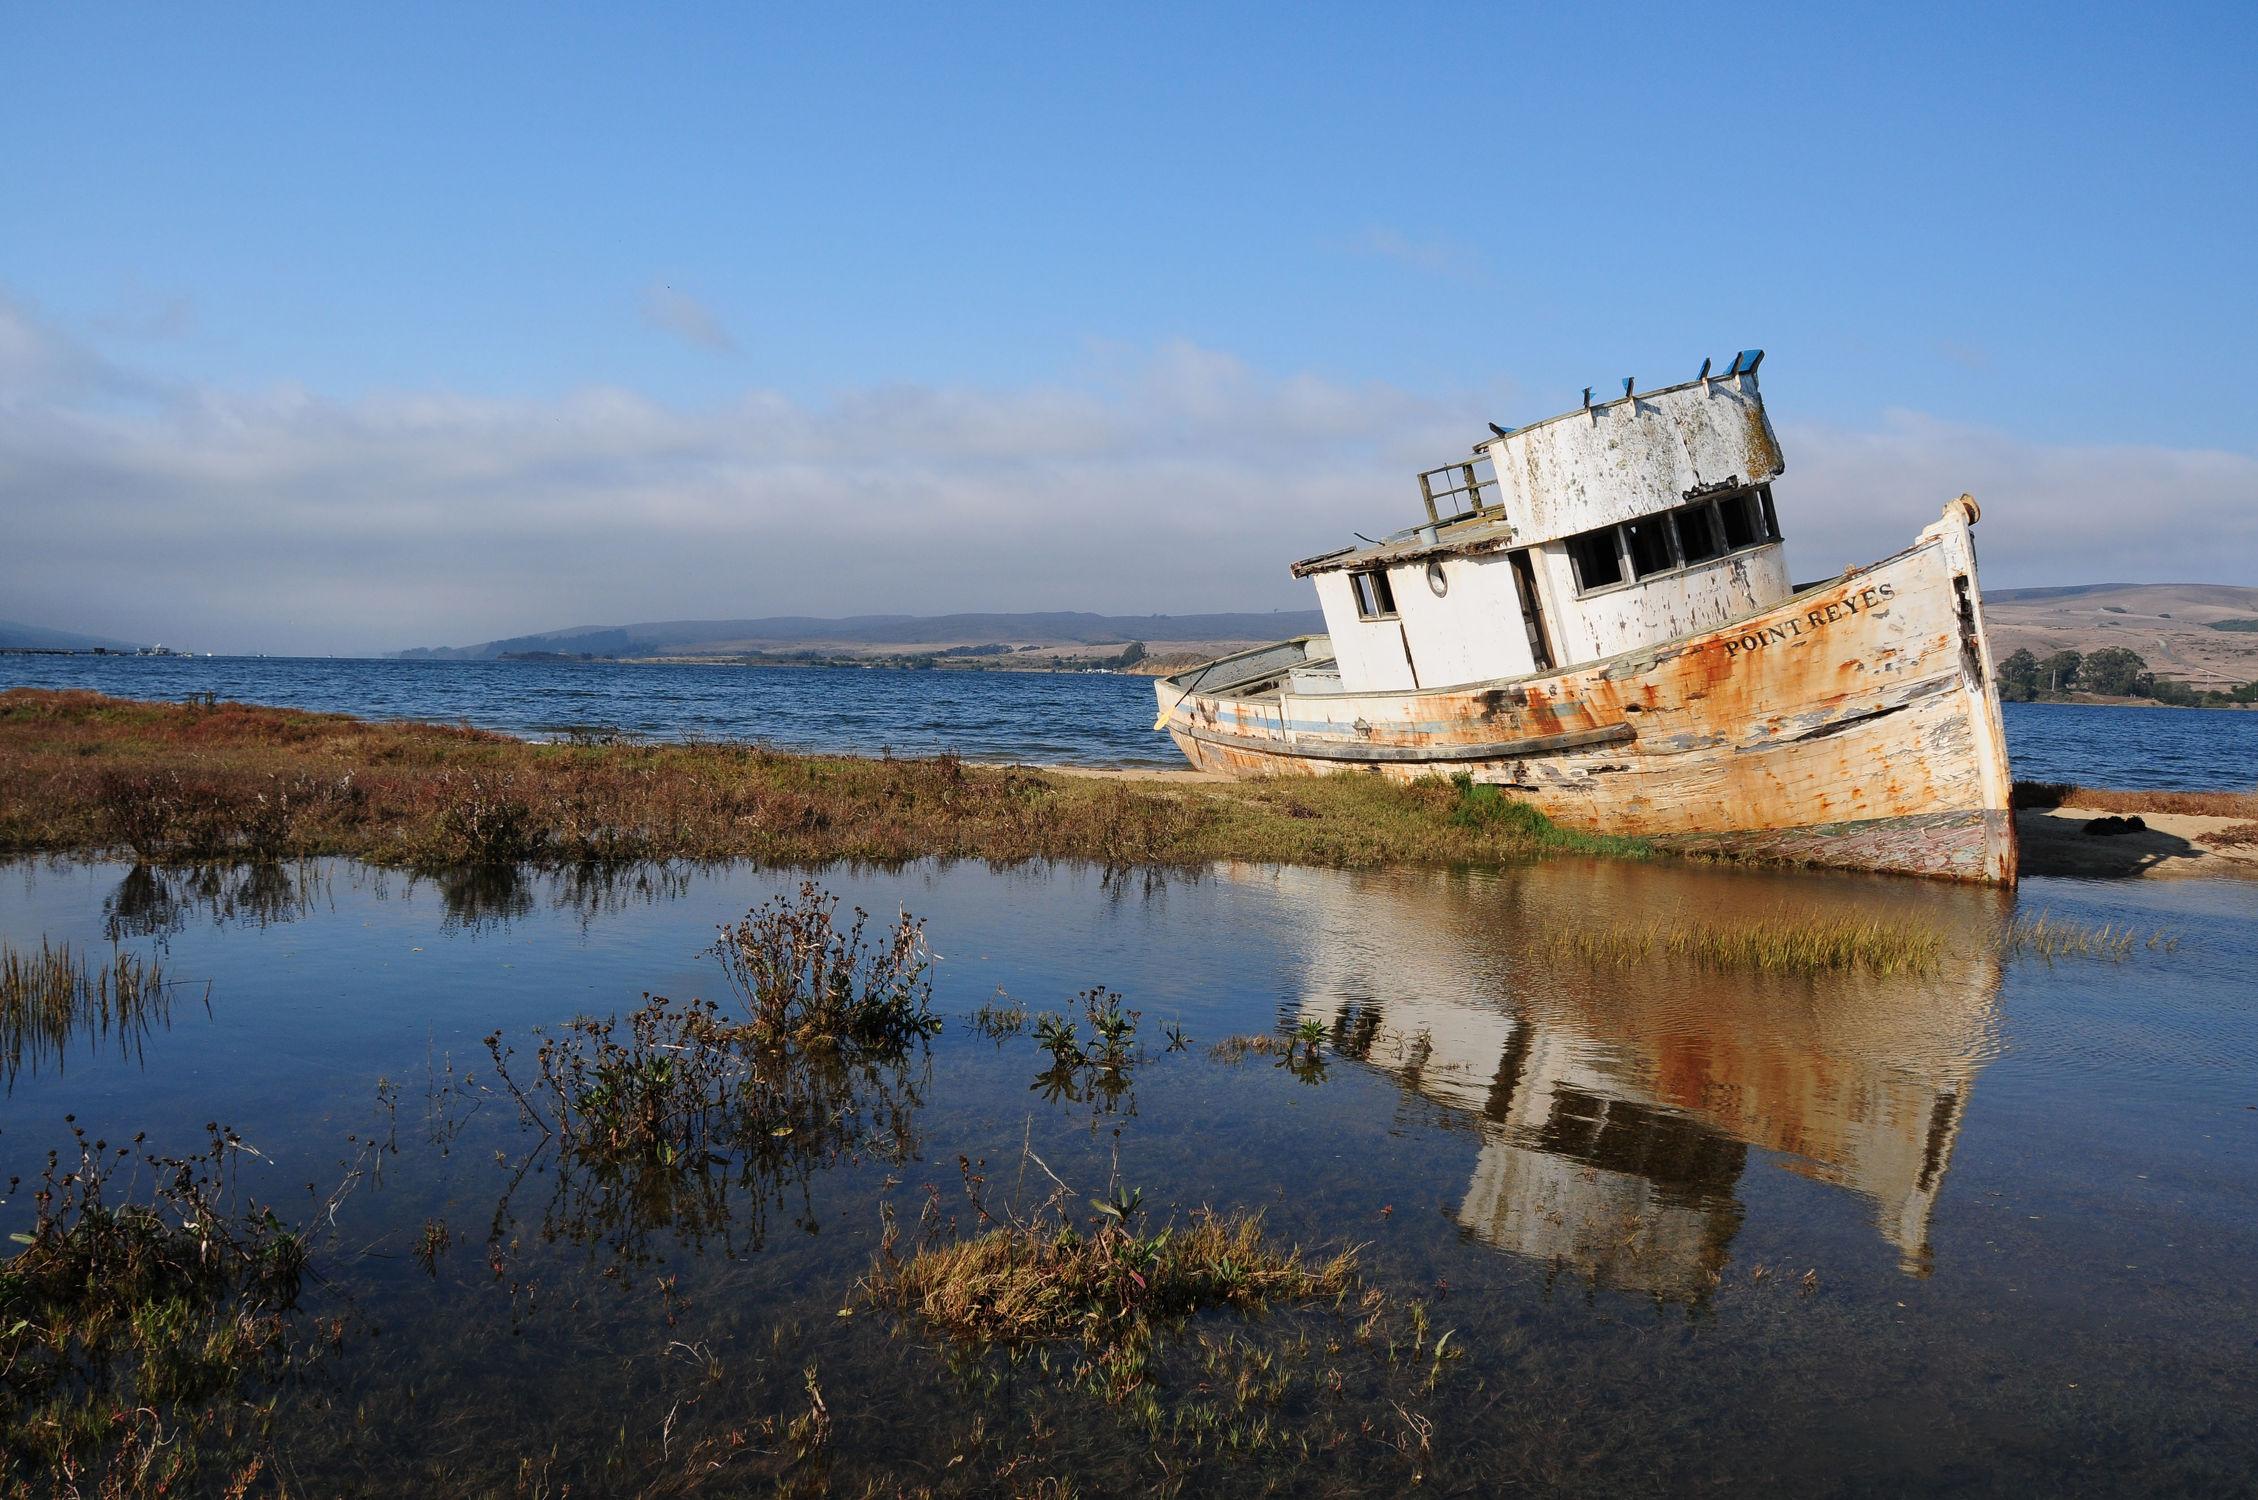 Bild mit Wasser, Landschaften, Gewässer, Seen, Meere, Strand, boot, Meer, Boote, Landschaft, See, landscape, alt